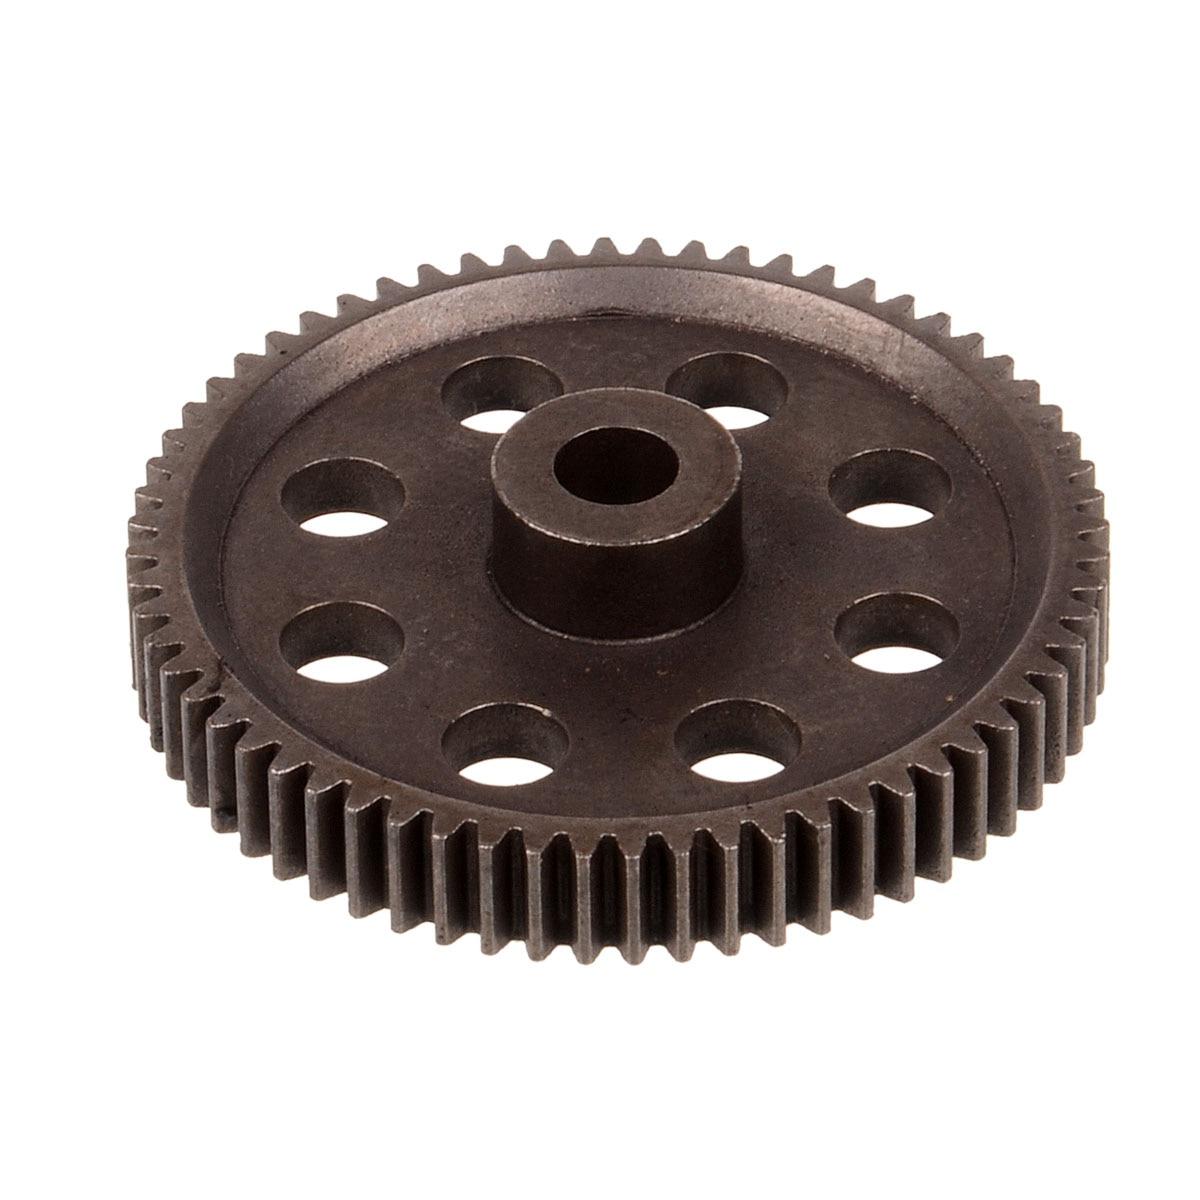 HSP 11184 Diff. Engrenage principal (64 T) pièces détachées pour voiture modèle 1/10 R/C